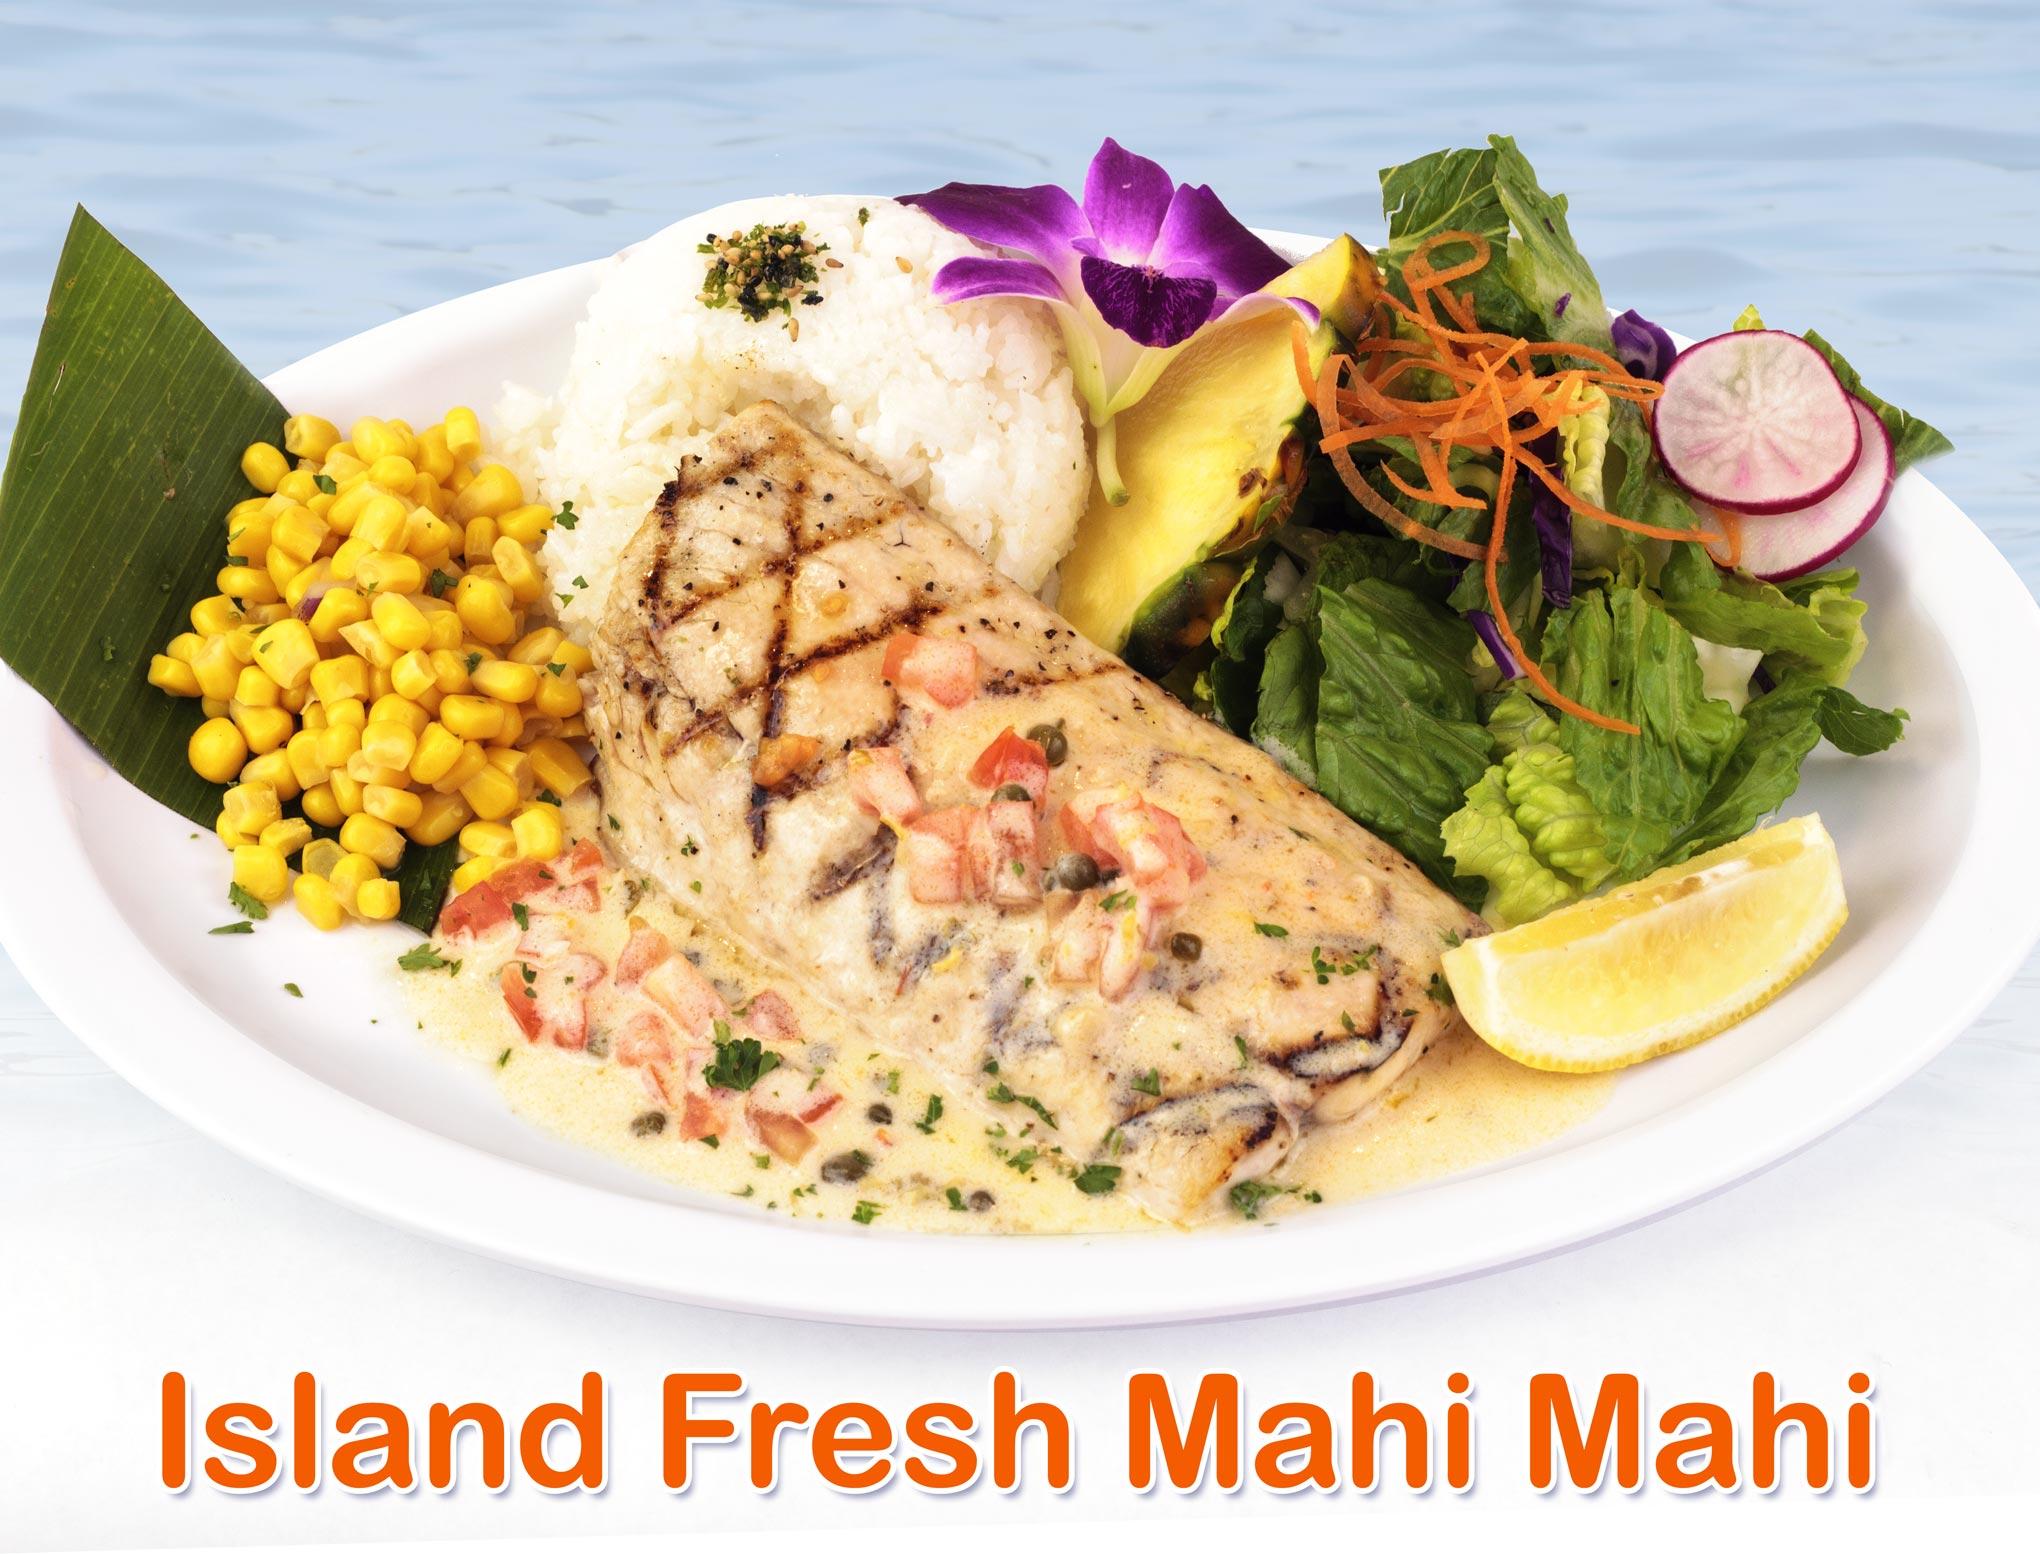 Island Fresh Mahi Mahi